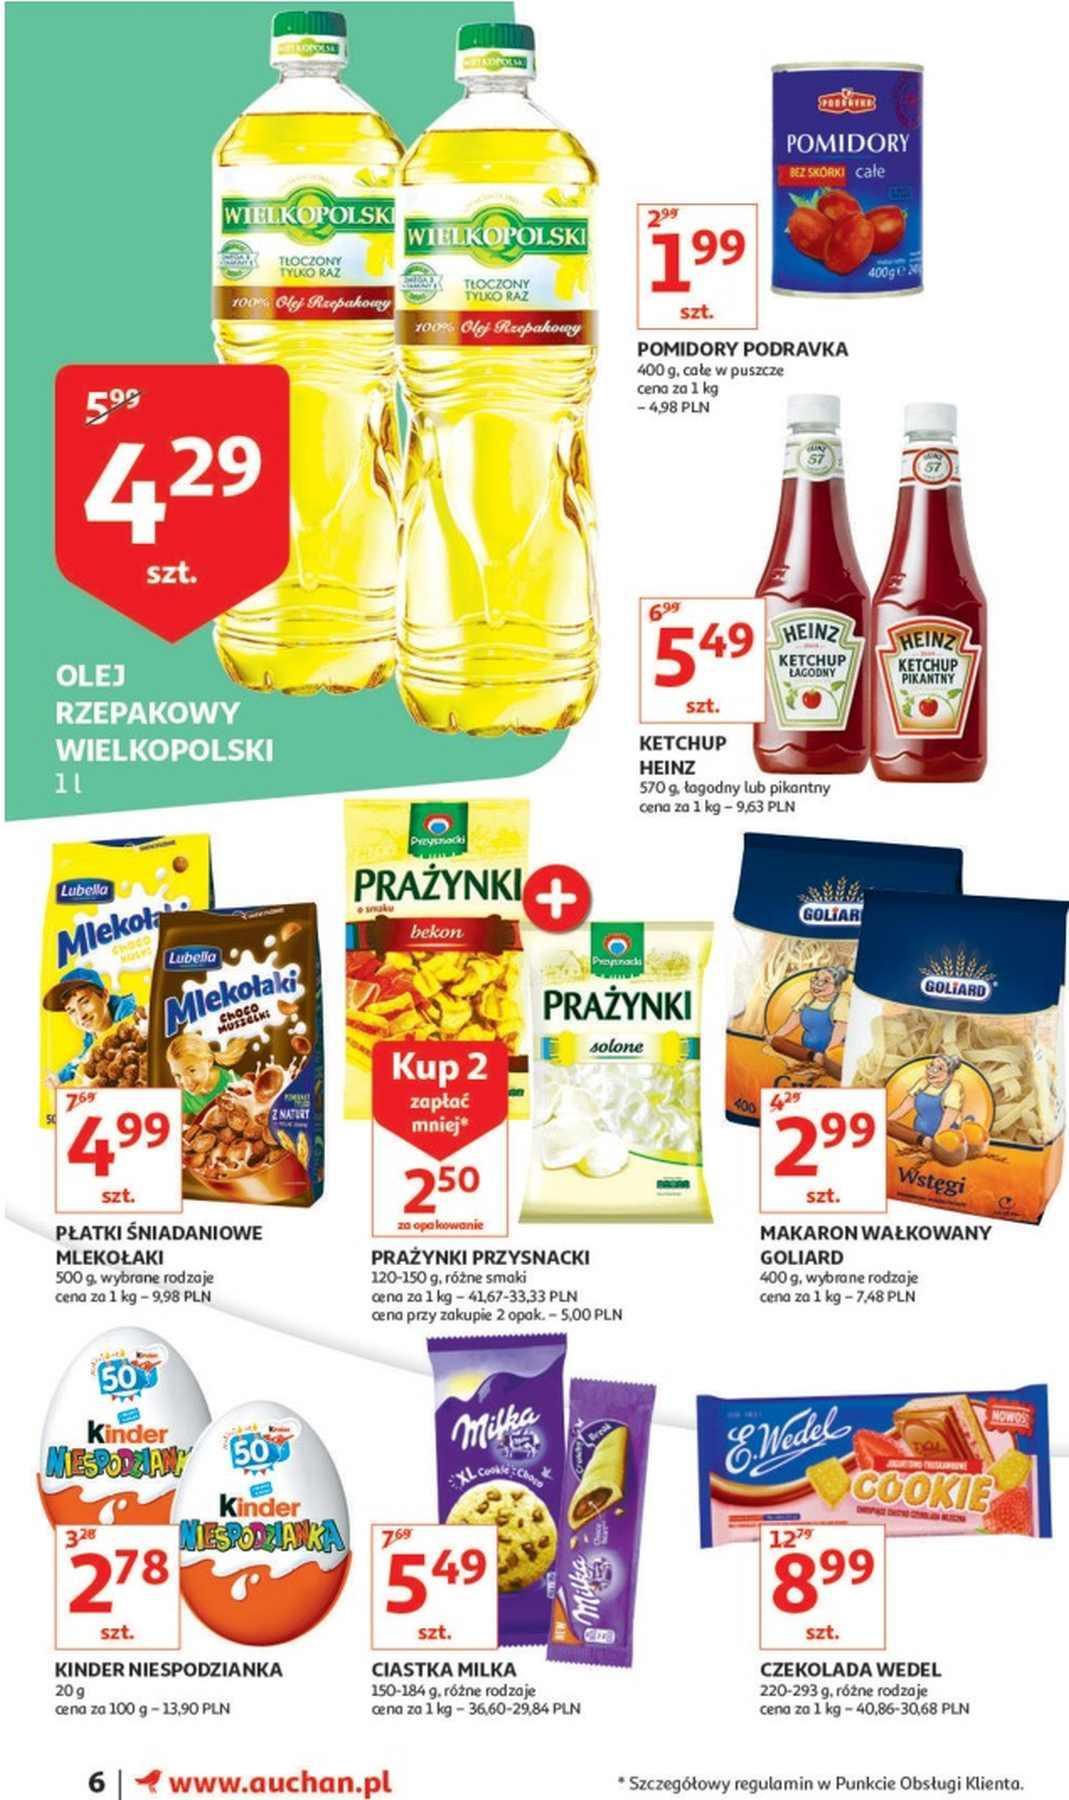 Gazetka promocyjna Auchan do 16/01/2019 str.6